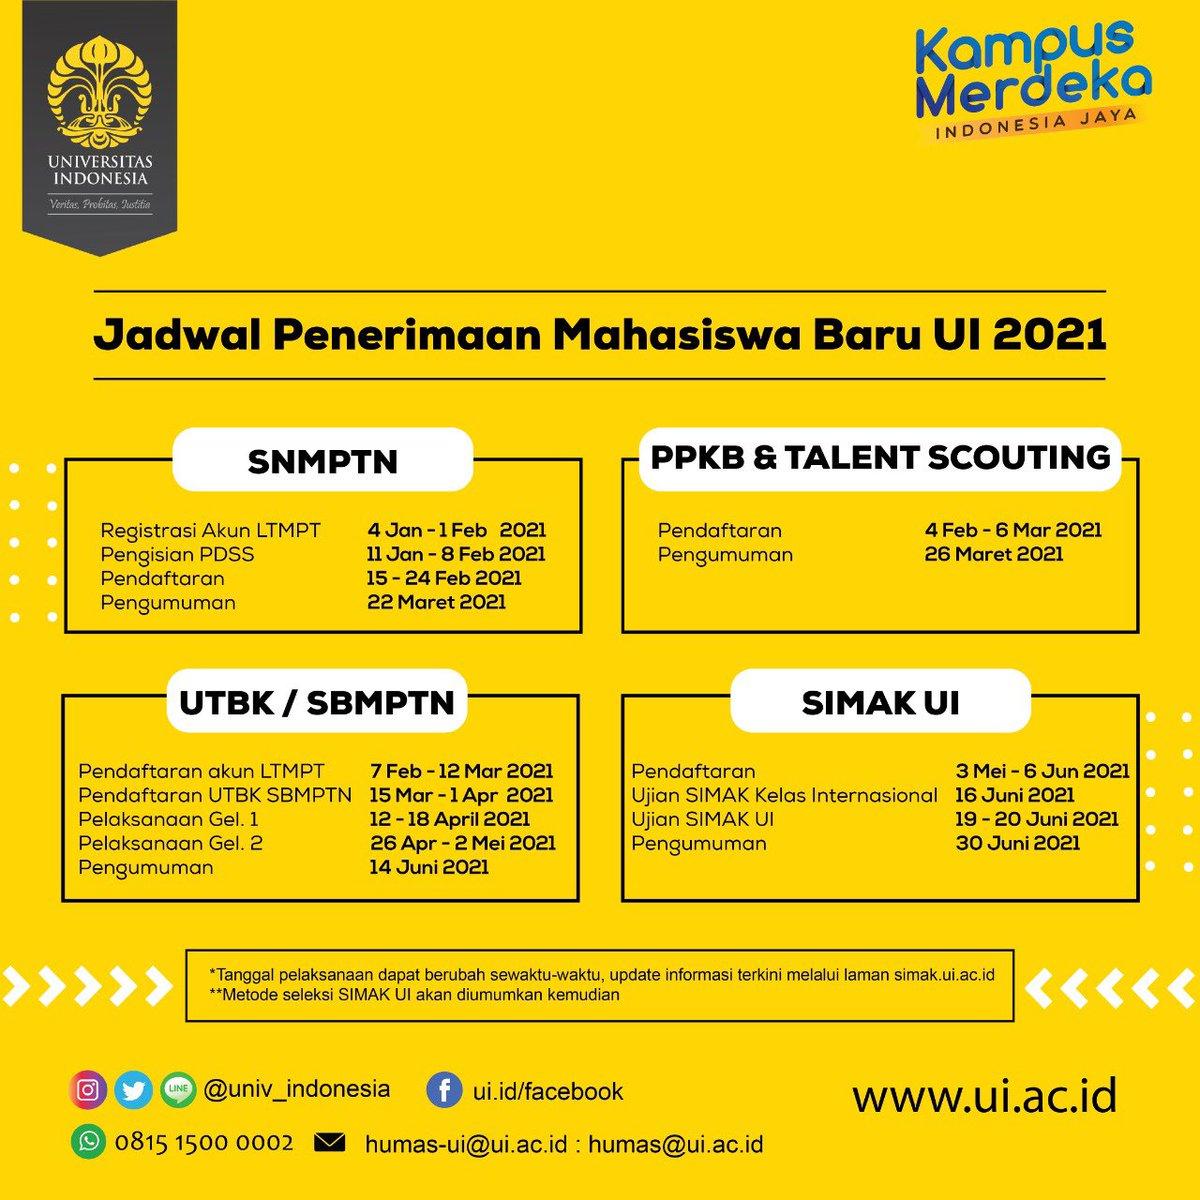 Universitasindonesia V Twitter Yuk Catat Jadwal Penerimaan Mahasiswa Baru Ui 2021 Untuk Jenjang Sarjana Dan Vokasi Simpan Dan Sebar Luaskan Informasi Ini Ke Teman Teman Kalian Jangan Sampai Terlewat Yaaa Persiapkan Diri Sebaik